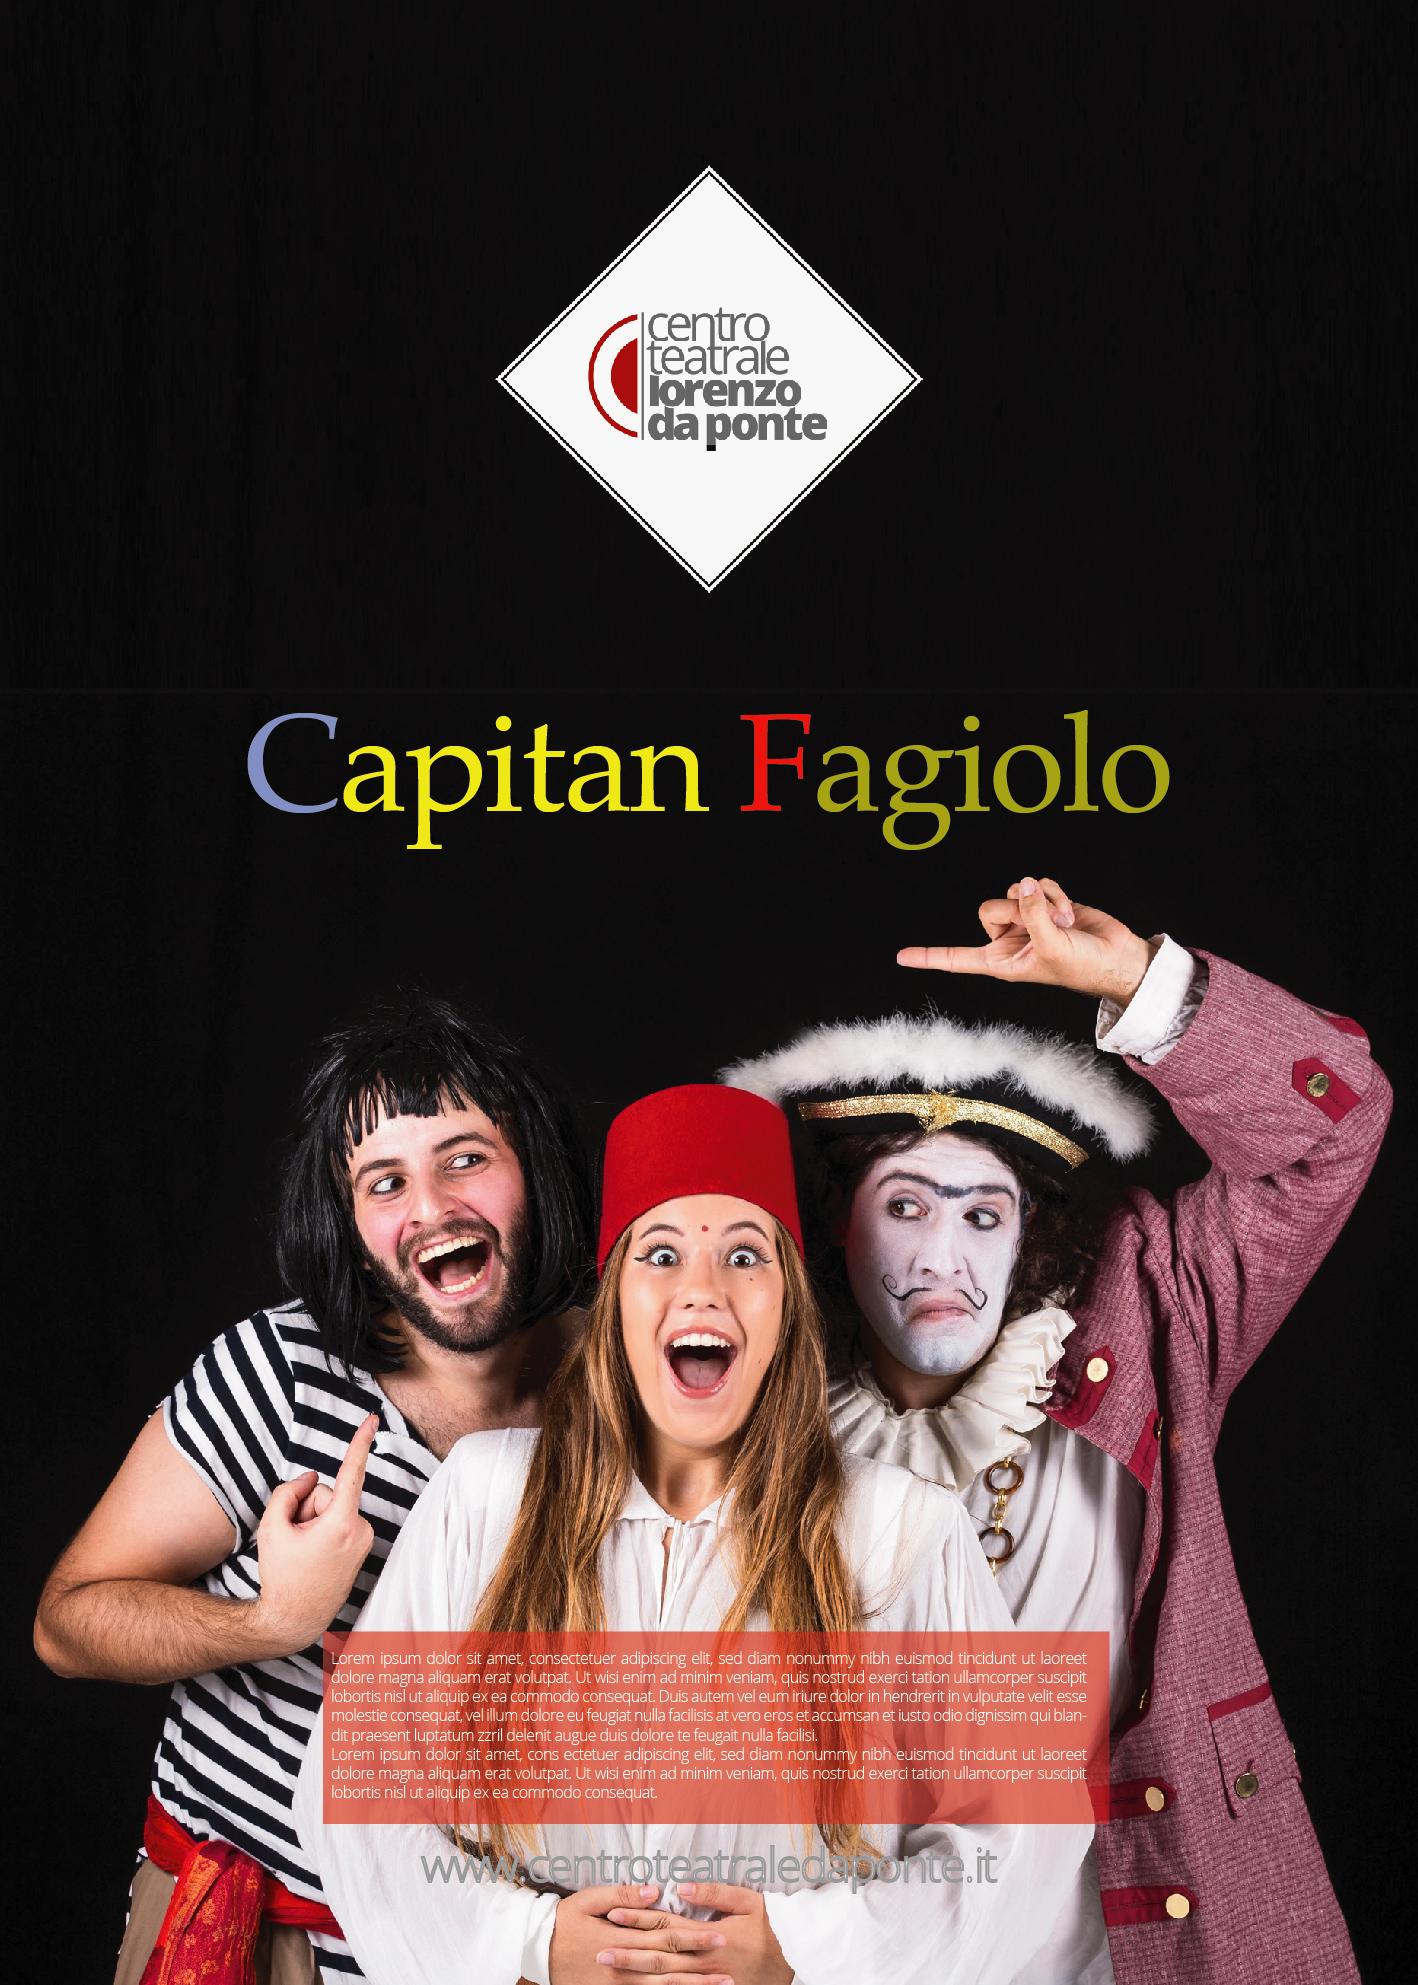 Capitan Fagiolo